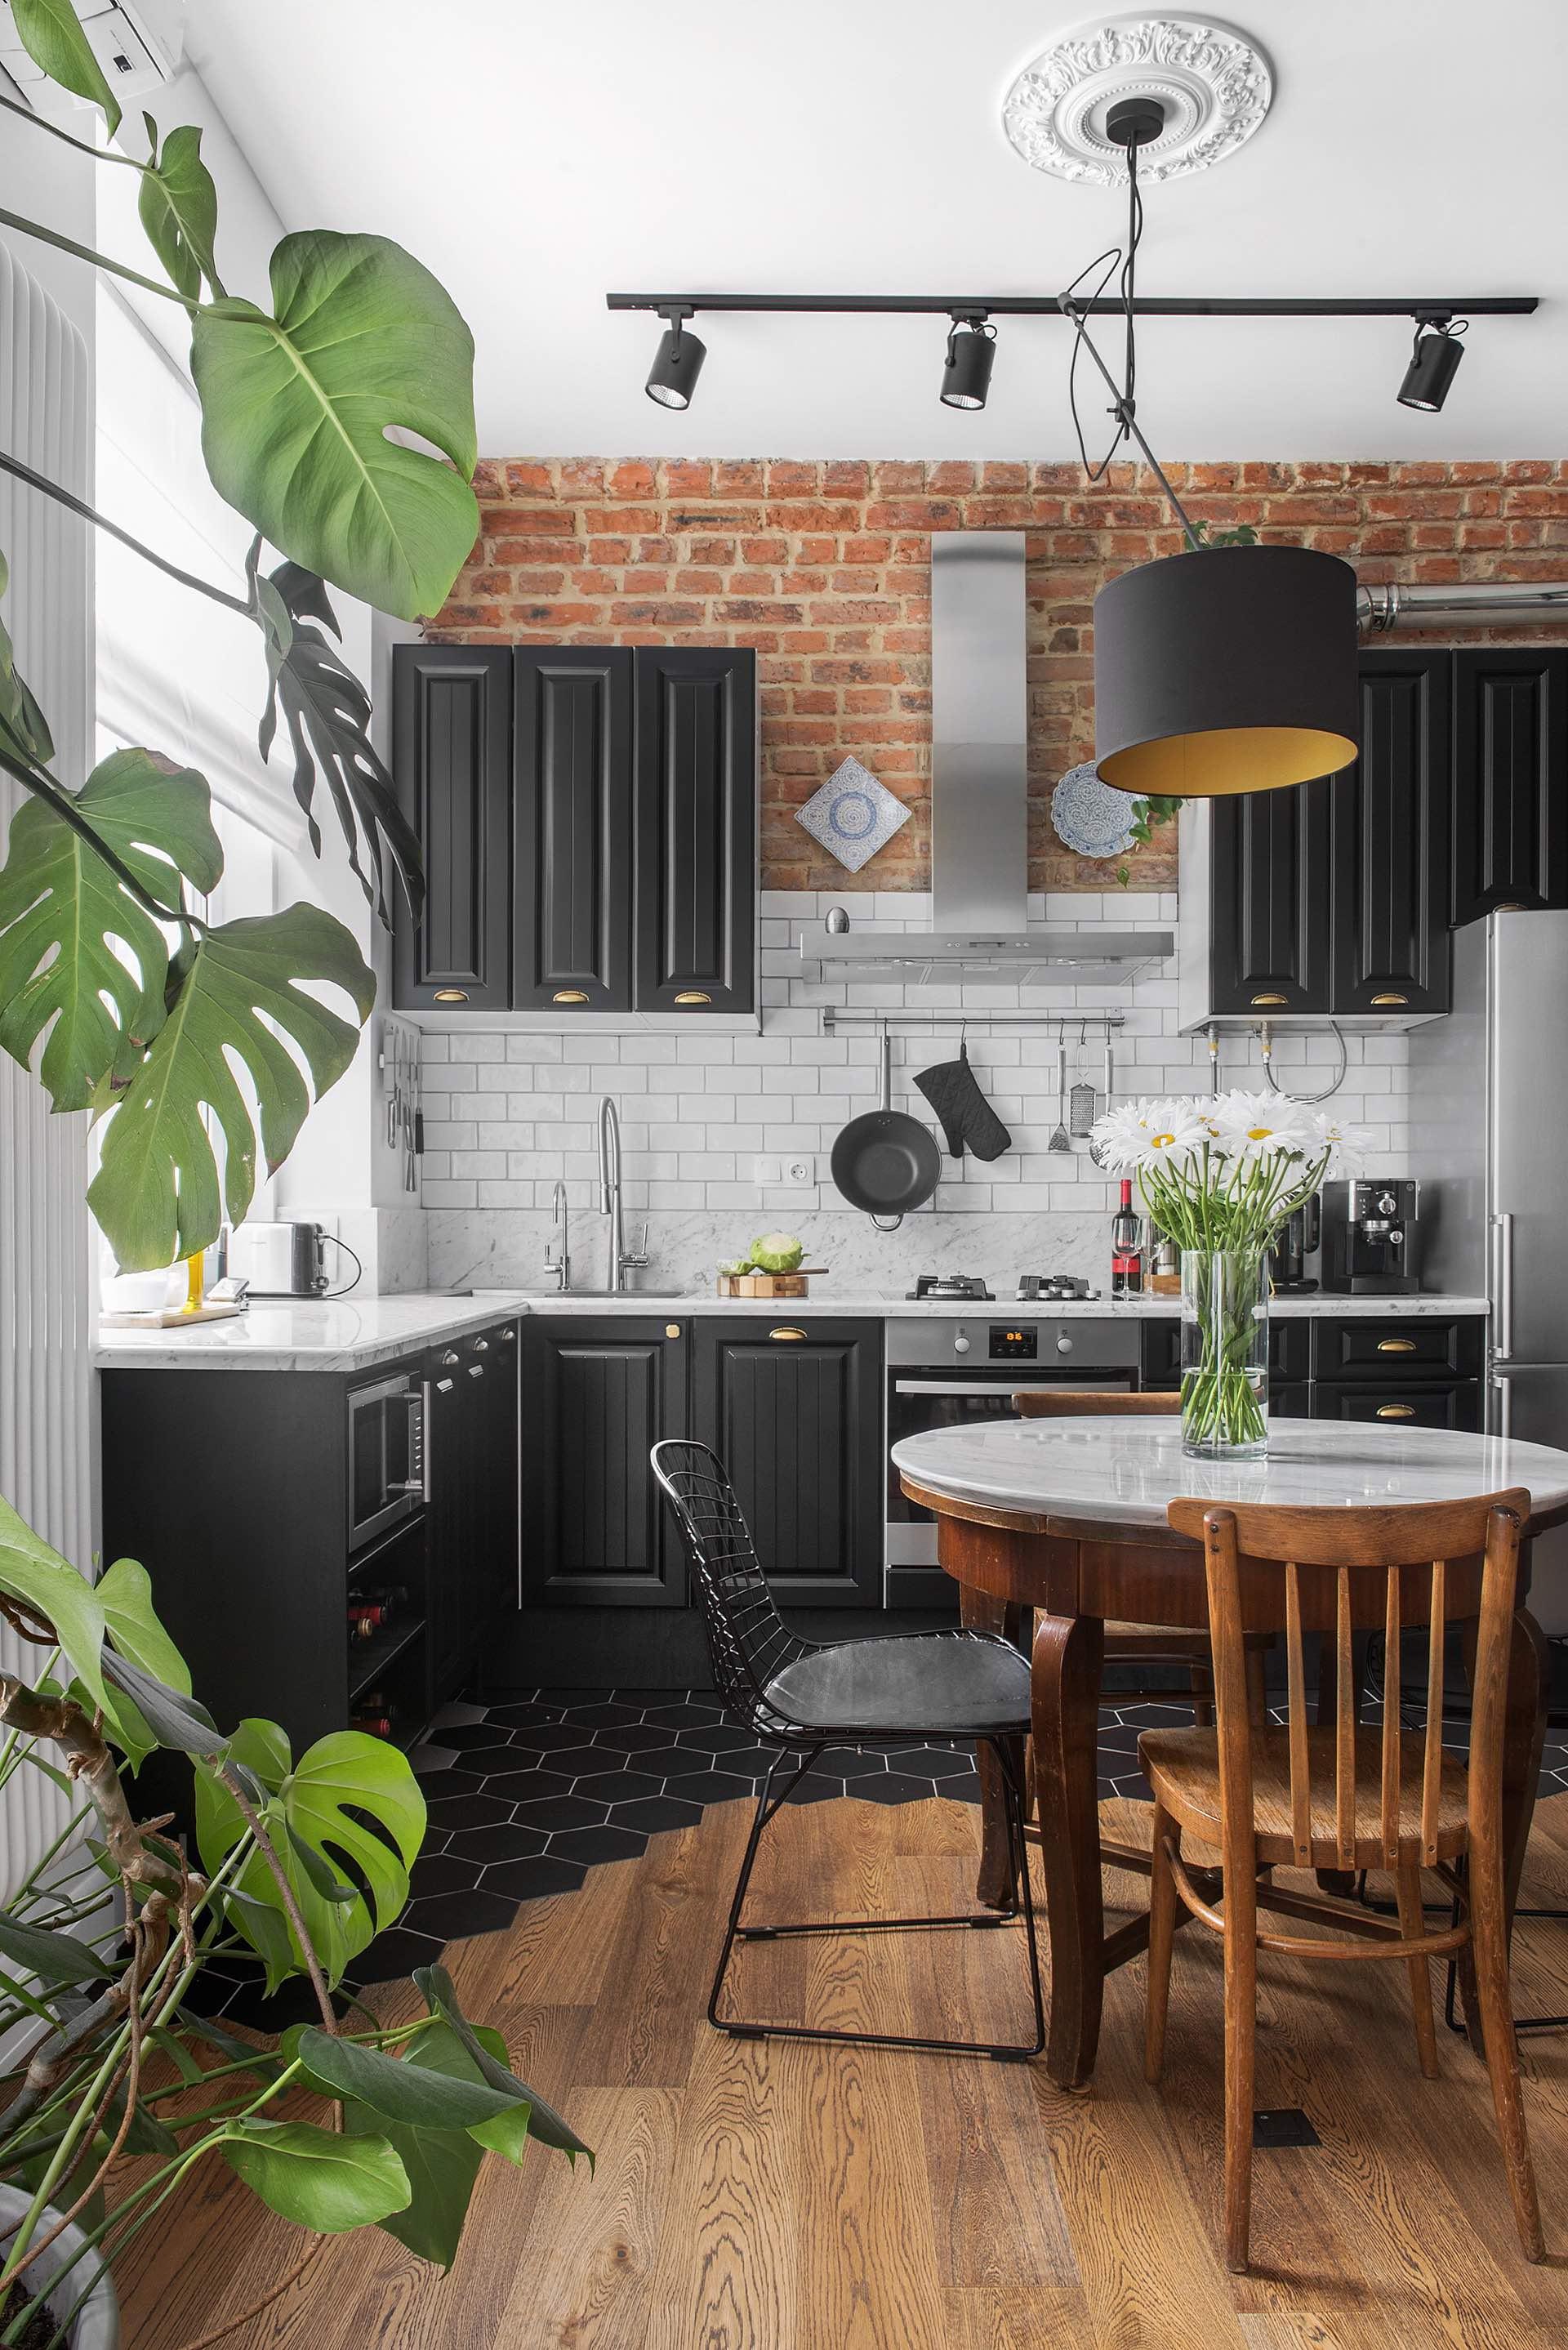 кухня кирпич белая плитка кабанчик ретро столешница мрамор коричневые фасады филёнка круглый обеденный стол стулья